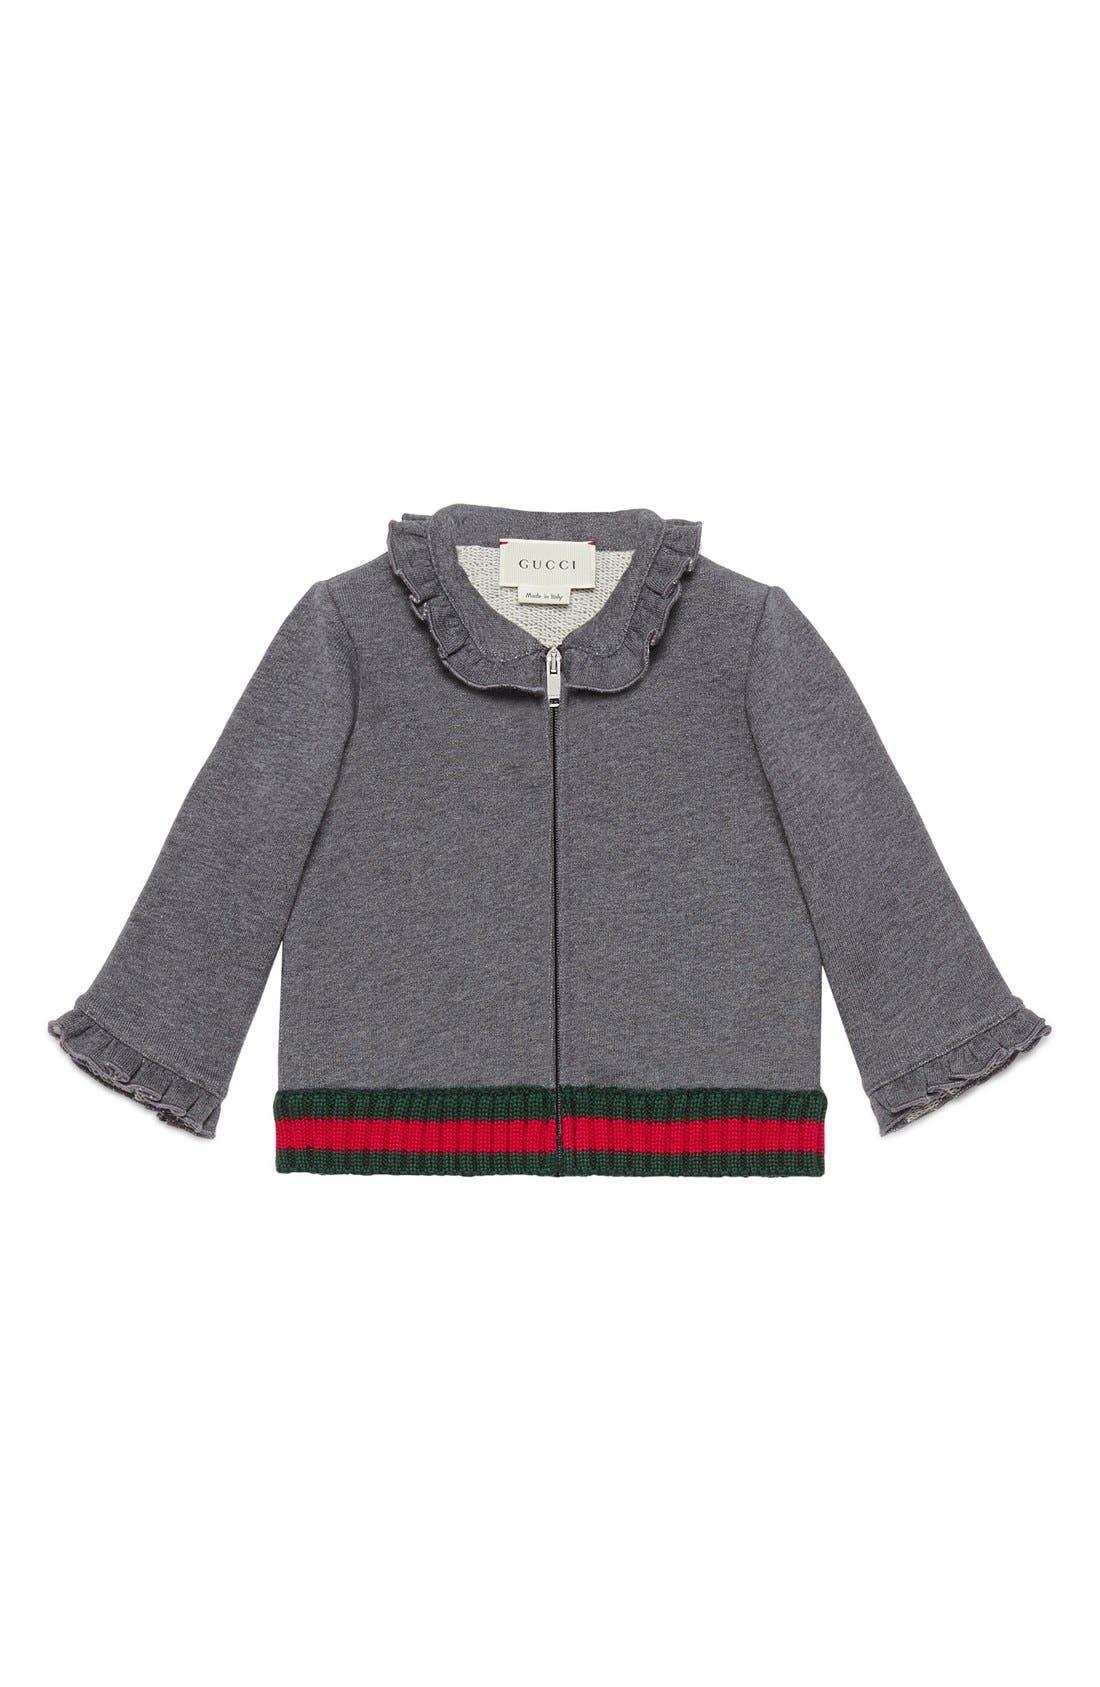 GUCCI KIDSWEAR Gucci Ruffle Full Zip Sweater